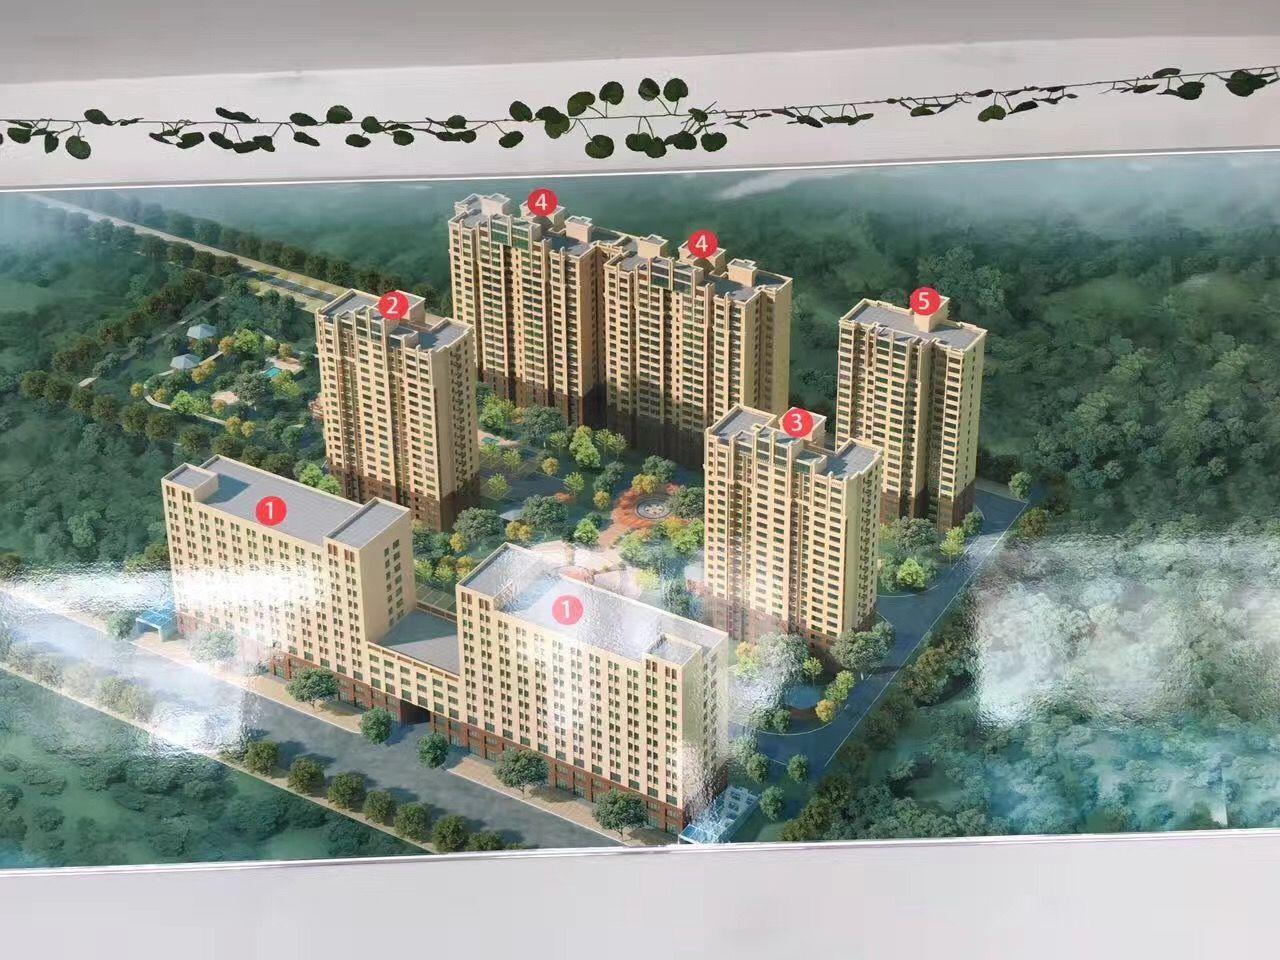 涿州 《众福苑养老公寓》效果图